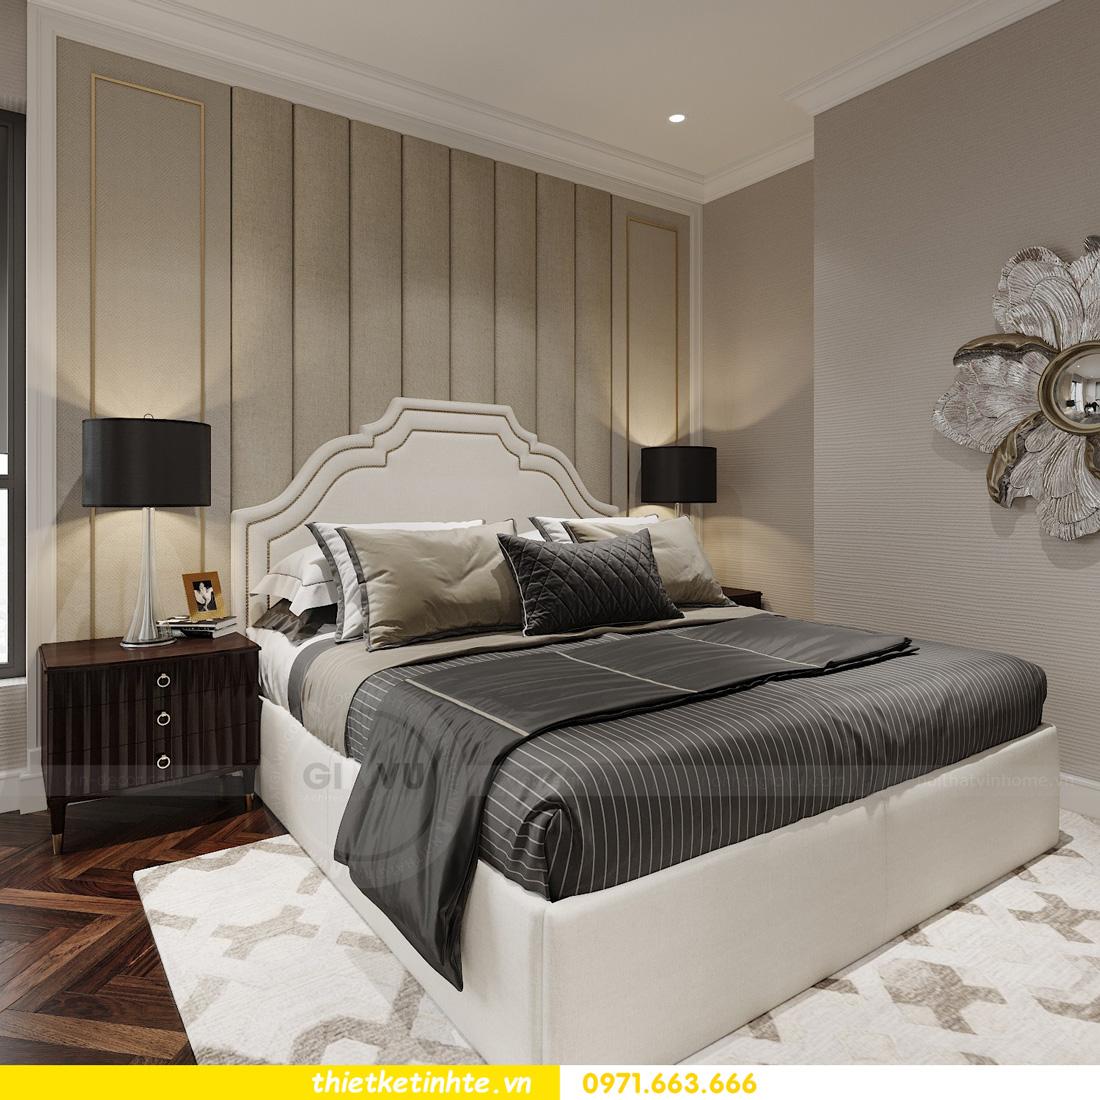 Cập nhật bảng giá thiết kế nội thất 2020 5